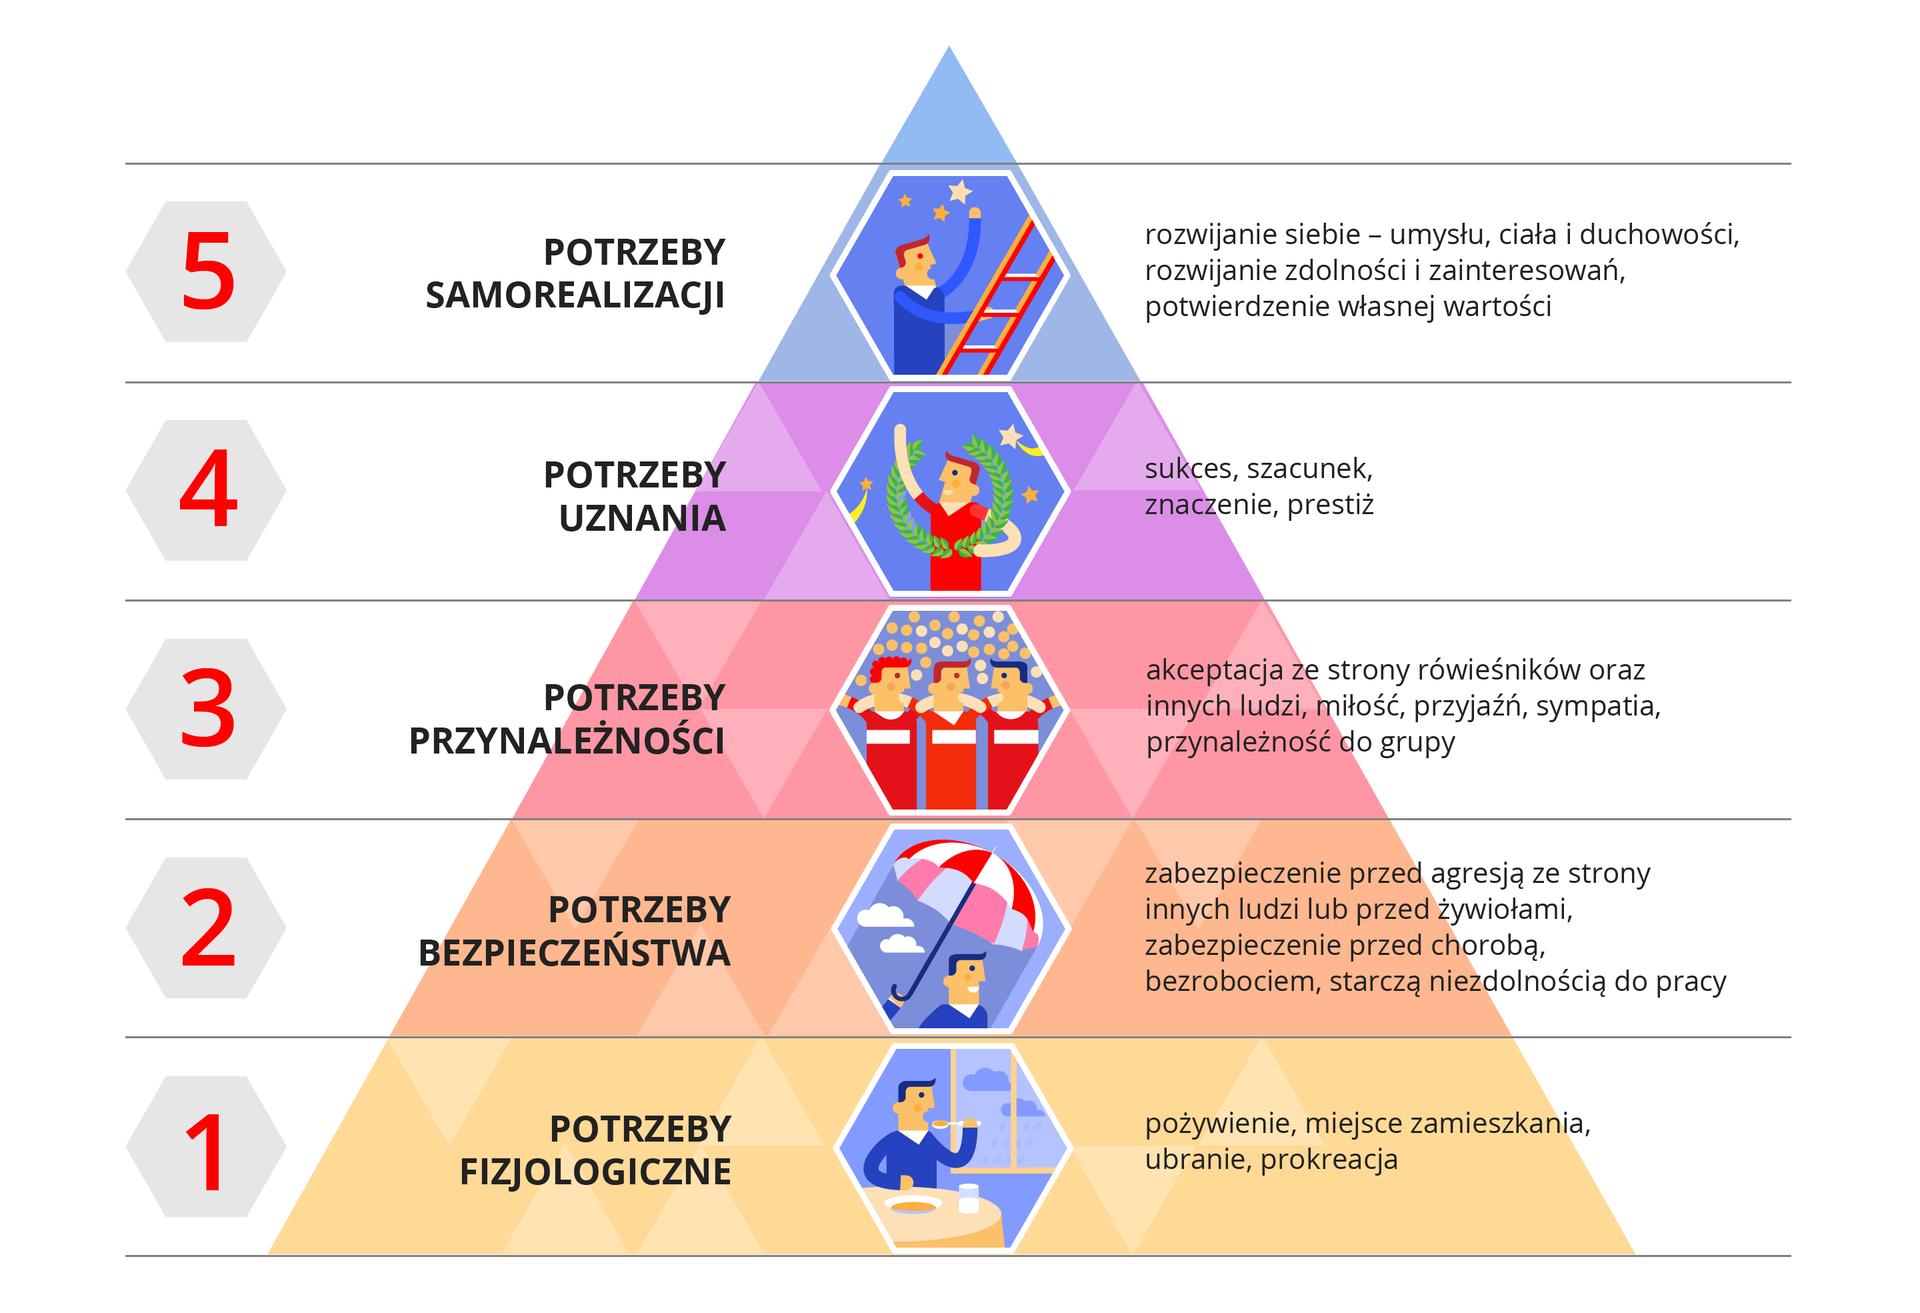 Ilustracja to piramida składająca się zpięciu poziomych elementów. Piramida ma kształt trójkąta. Podstawa to poziom nr 1. To potrzeby fizjologiczne takie jak pożywienie, ubranie. Na środku rysunek mężczyzny jedzącego posiłek przy stole. Drugi poziom to potrzeby bezpieczeństwa takie jak zabezpieczenie przed chorobą. Na środku poziomu rysunek mężczyzny trzymajacego parasol. Trzeci poziom to potrzeby przynależności takie jak aceptacja ze strony rówieśników. Na środku poziomu ilustracja trzech piłkarzy stojących obok siebie. Czwarty poziom to potrzeby uznania. To sukces, szacunek. Na środku rysunek zawodnika zwieńcem laurowym na ramionach. Piąty poziom to potrzeby samorealizacji. To rozwijanie zdolności, zainteresowań. Na rysunku mężczyzna wspina się po drabinie isięga gwiazd.